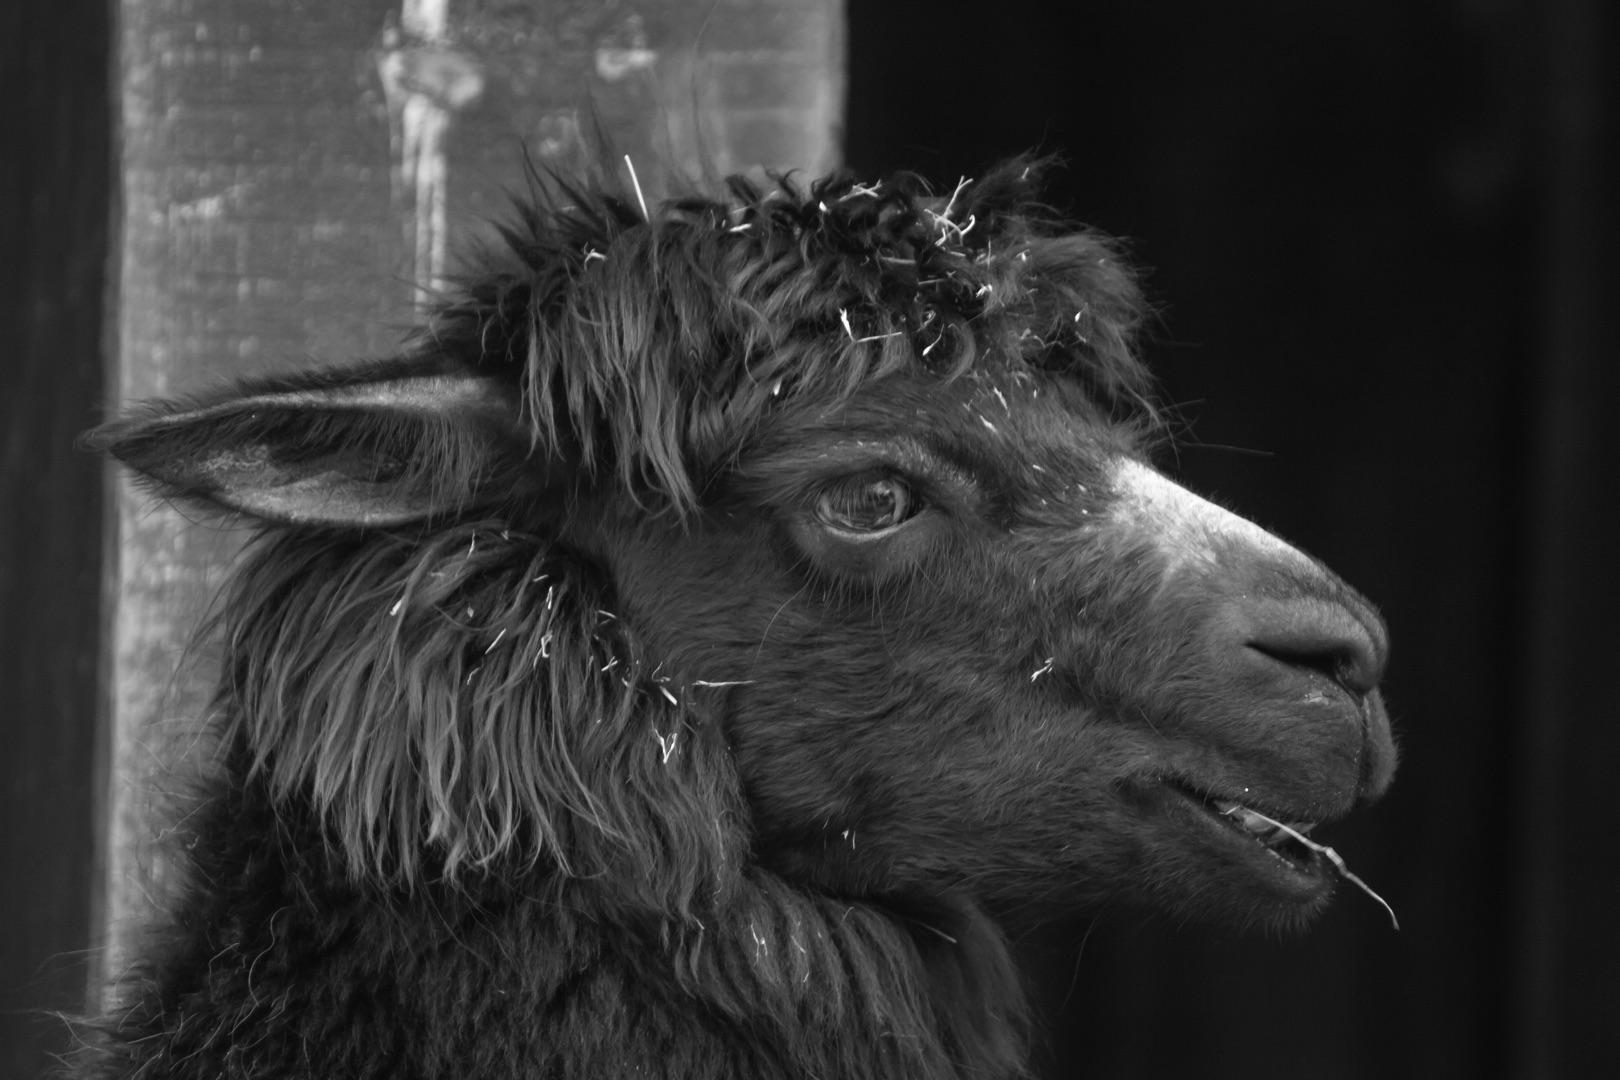 Martin Speth, Das schwarze Schaf